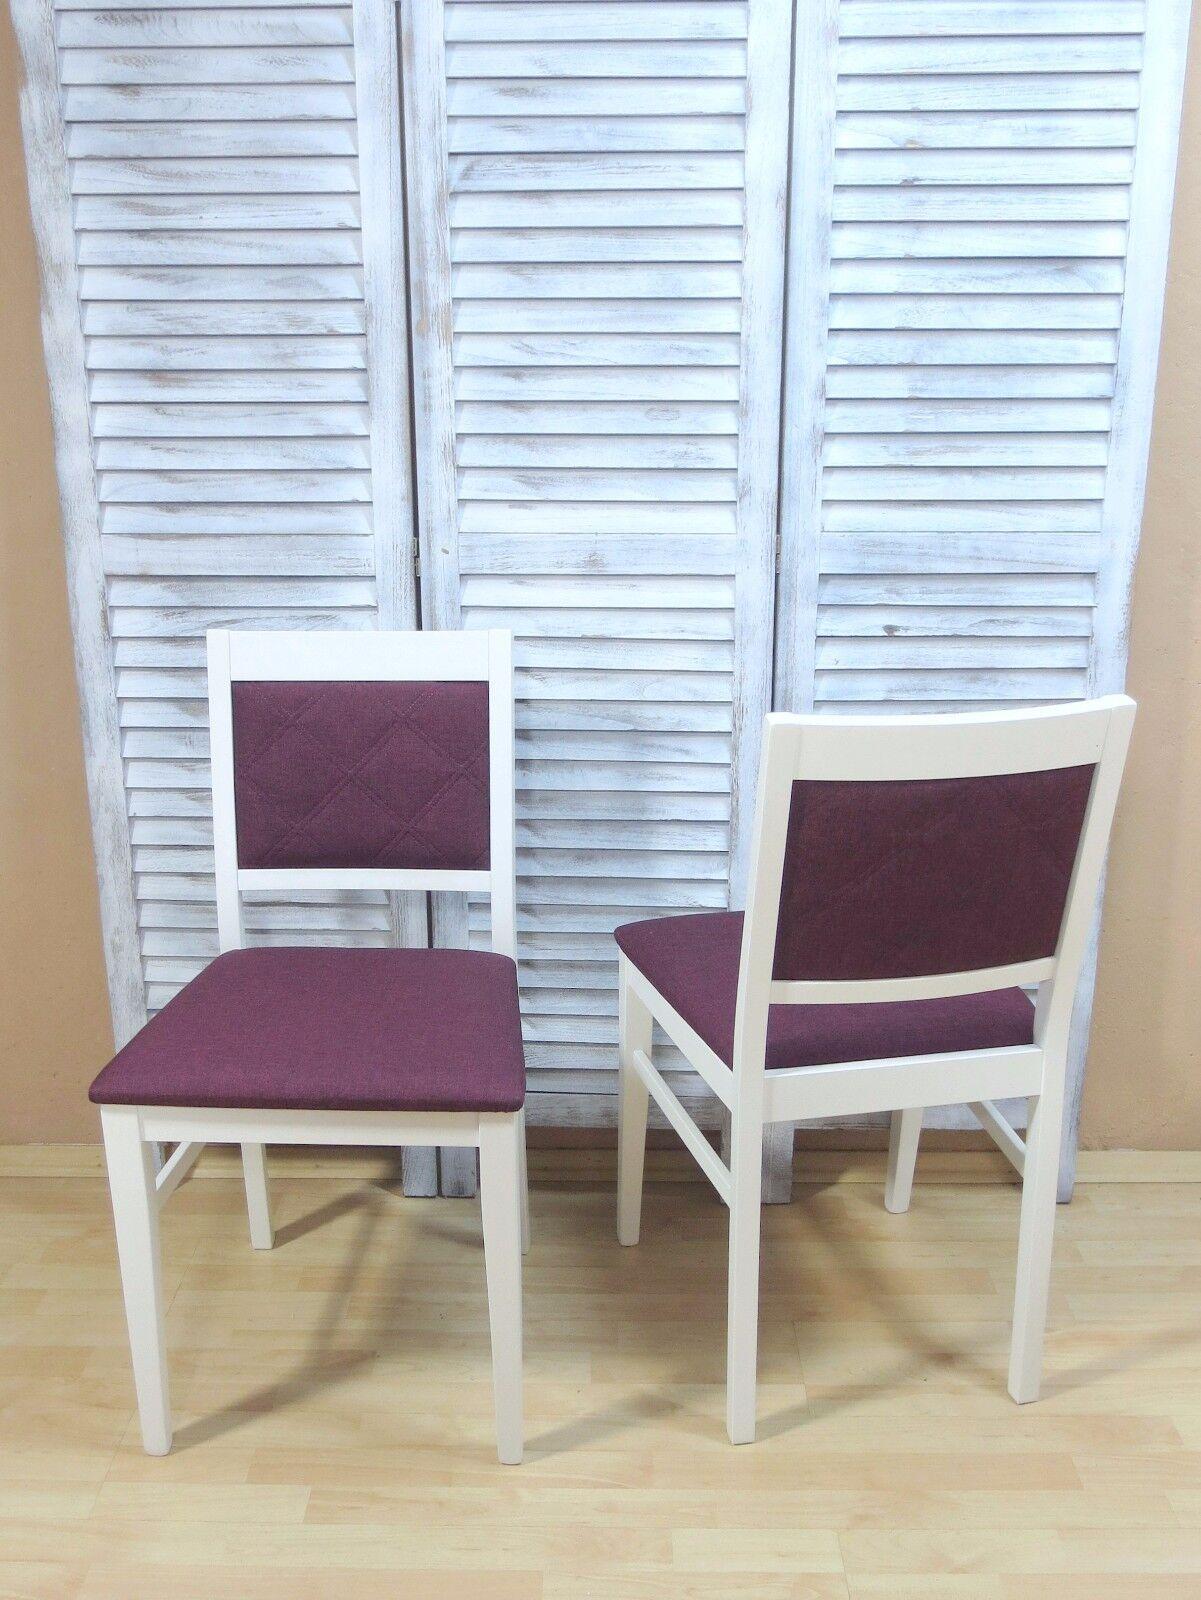 2 X Stühle Massivholz Weiß Violett Esszimmerstühle Küchenstühle Modern Design Yategocom